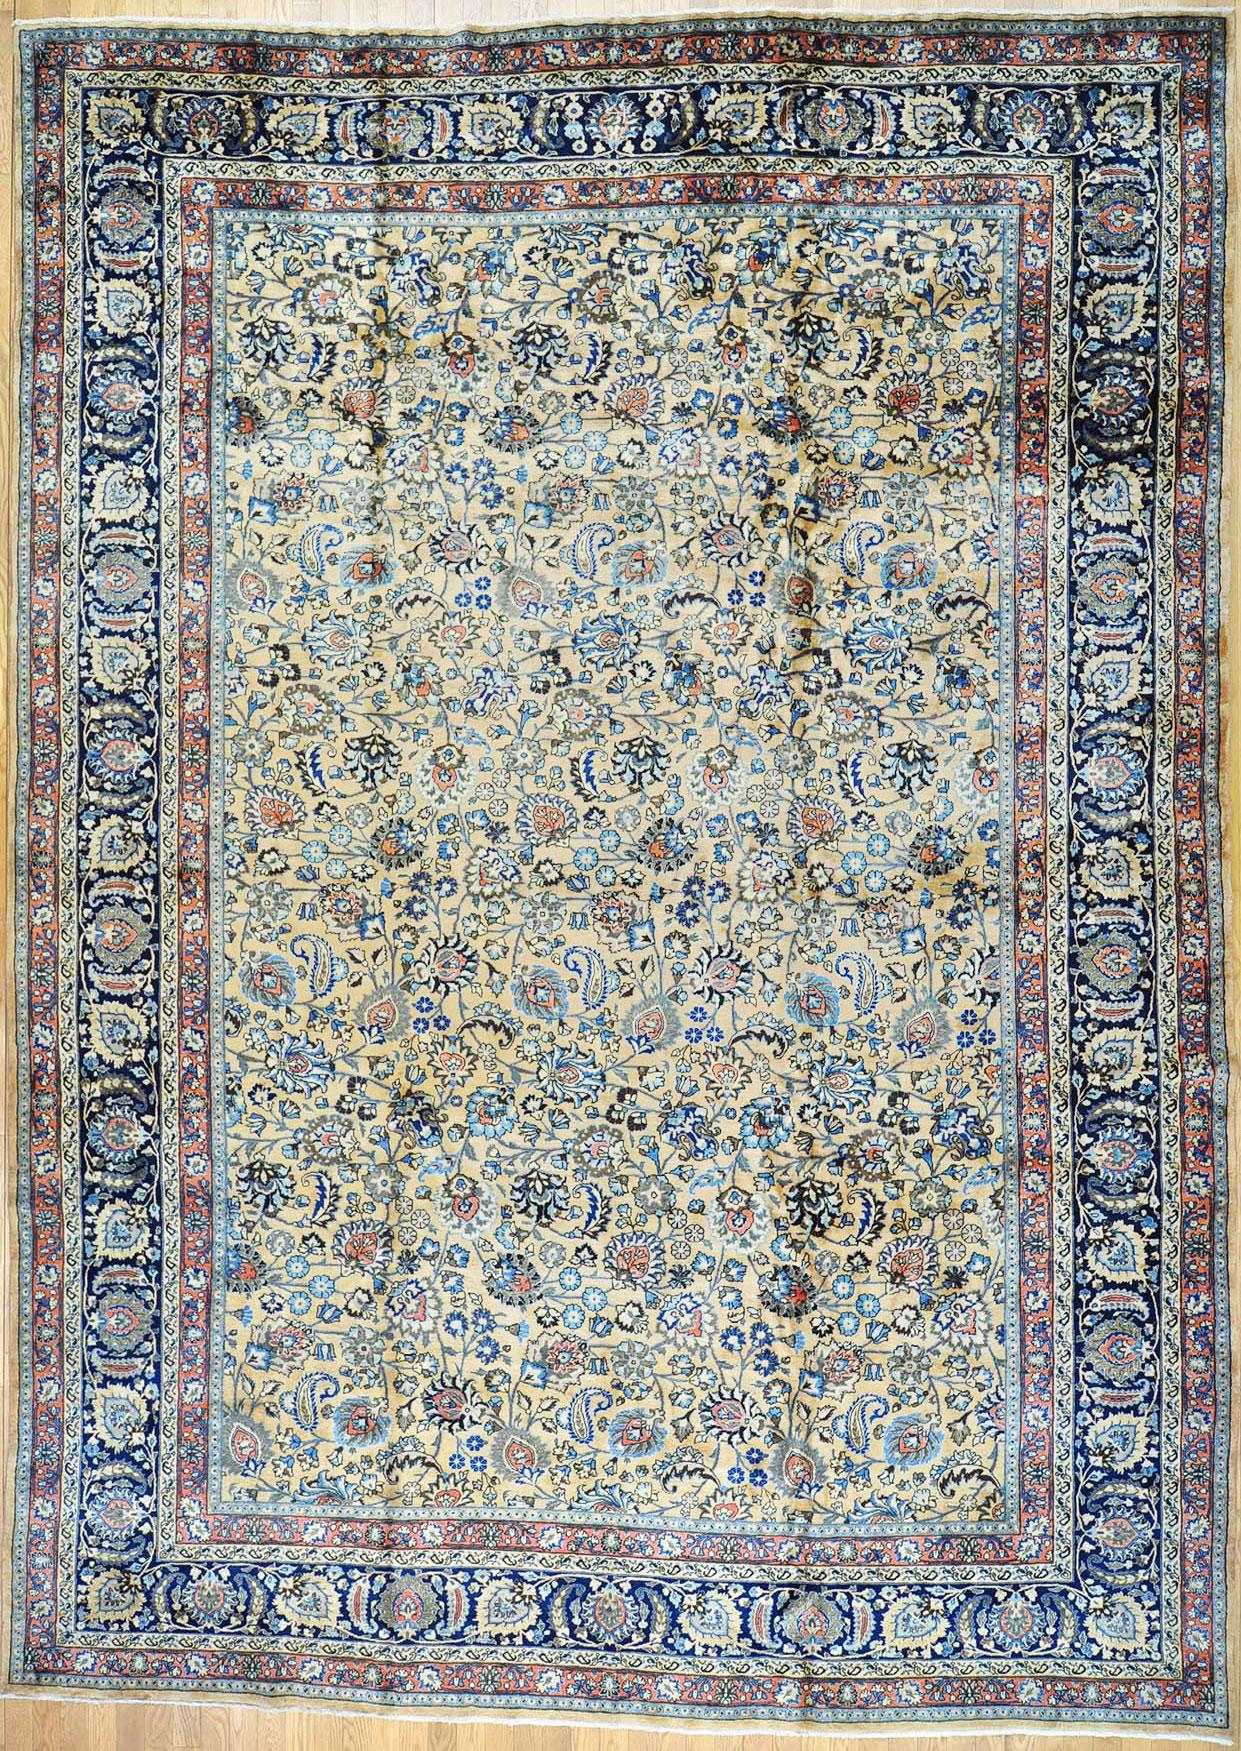 persian carpets mashad persian rug uvsbnqz TNIRANX